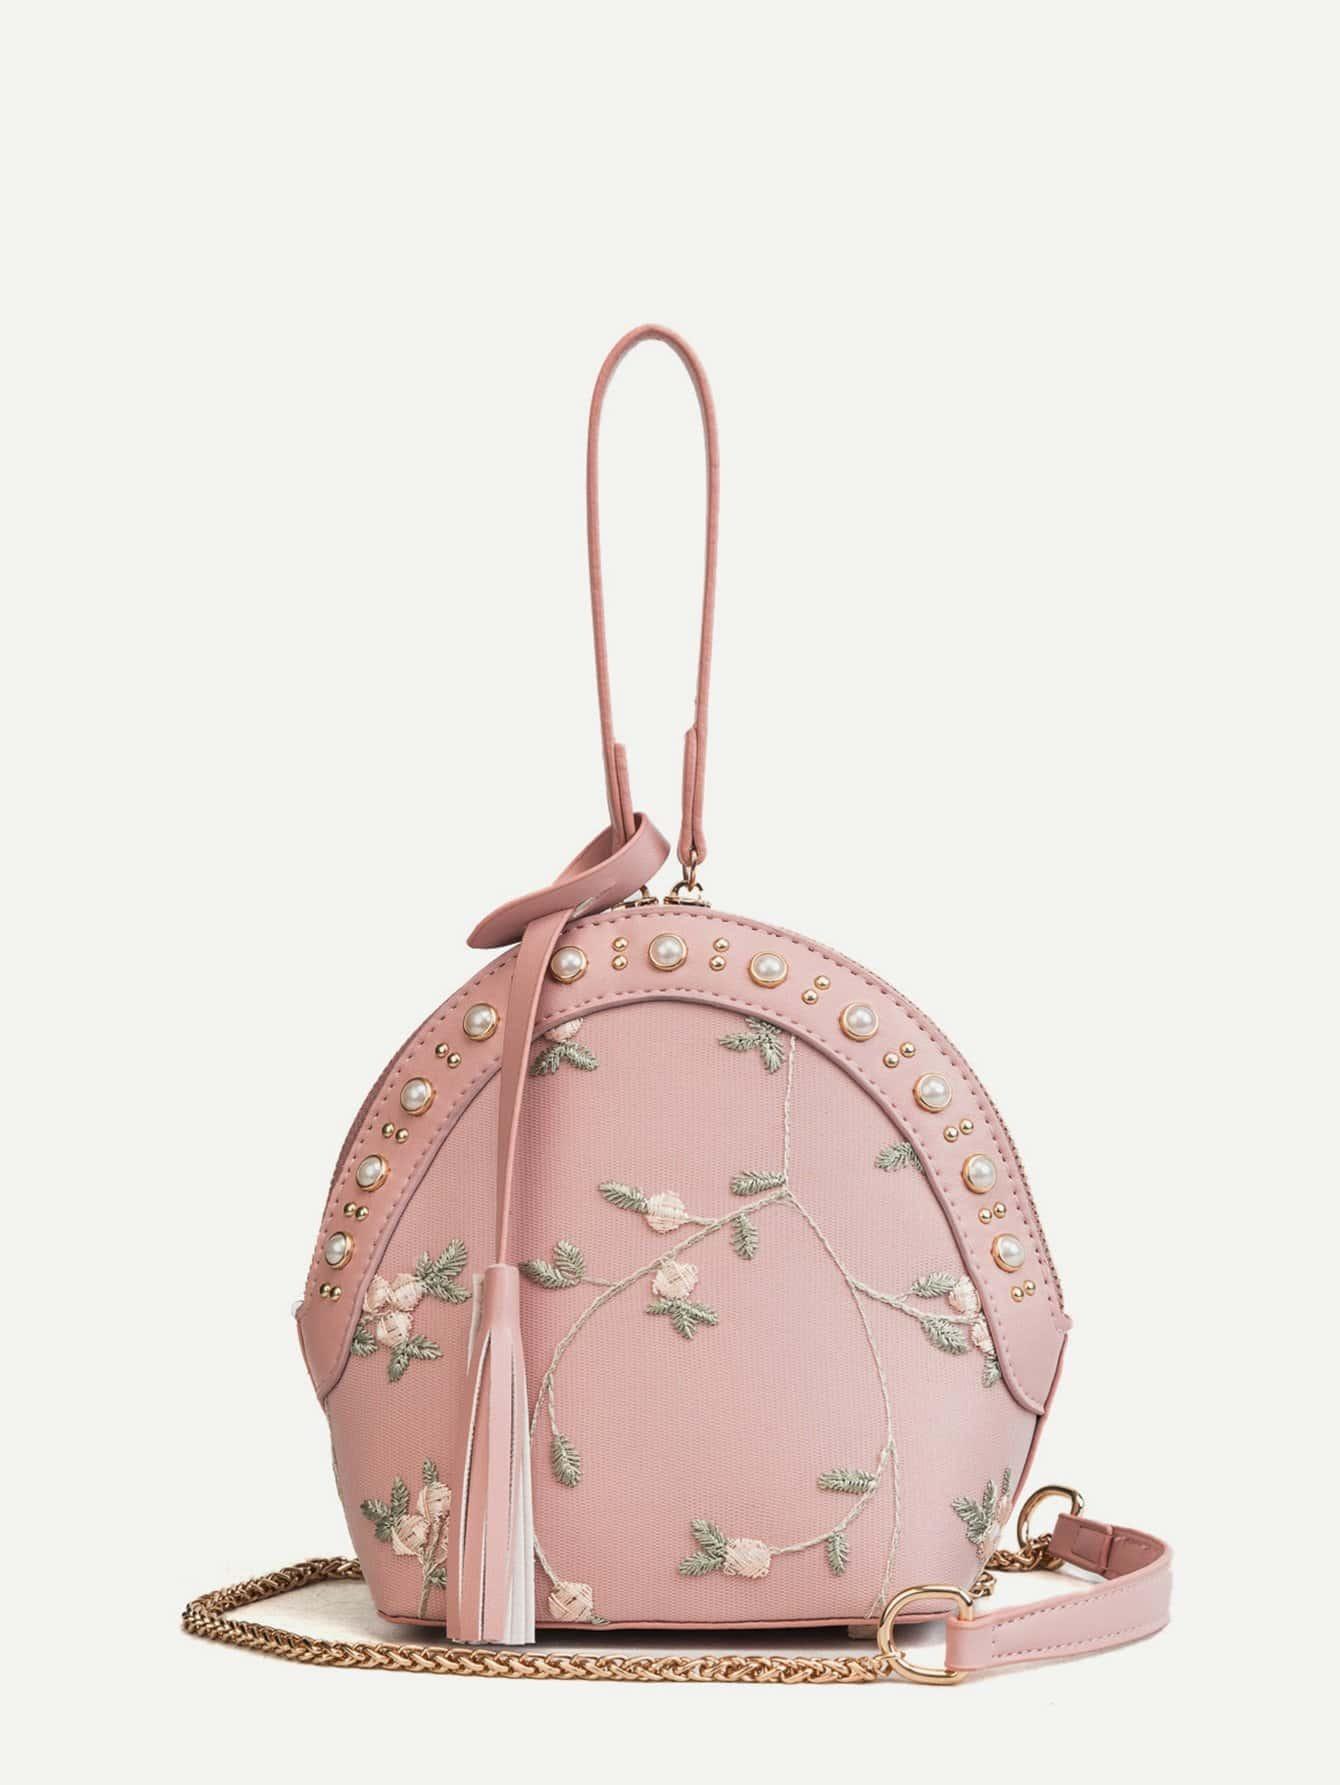 Купить Сумка через плечо с принтом вышитых цветов и украшением искусственных жемчугов, null, SheIn